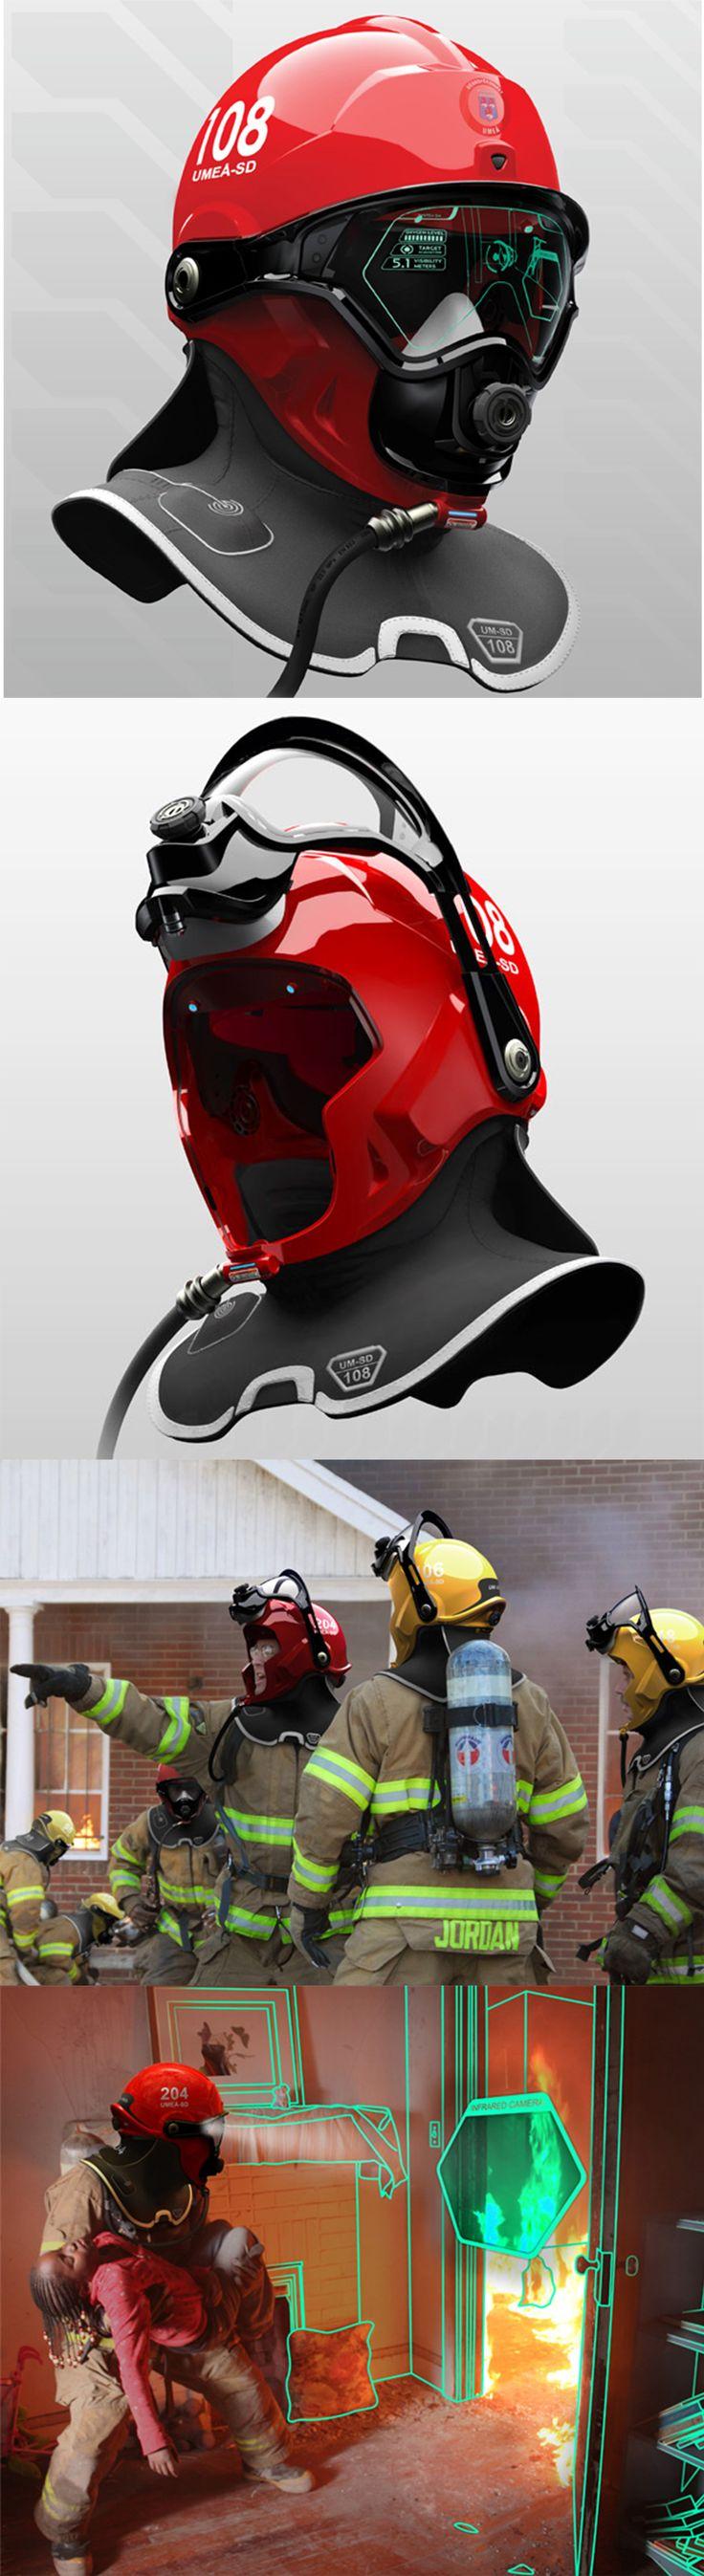 Adoro il design e la tecnologia usati per il miglioramento della vita. C-Thru: Helmet Enables Firefighters To See Through Smoke